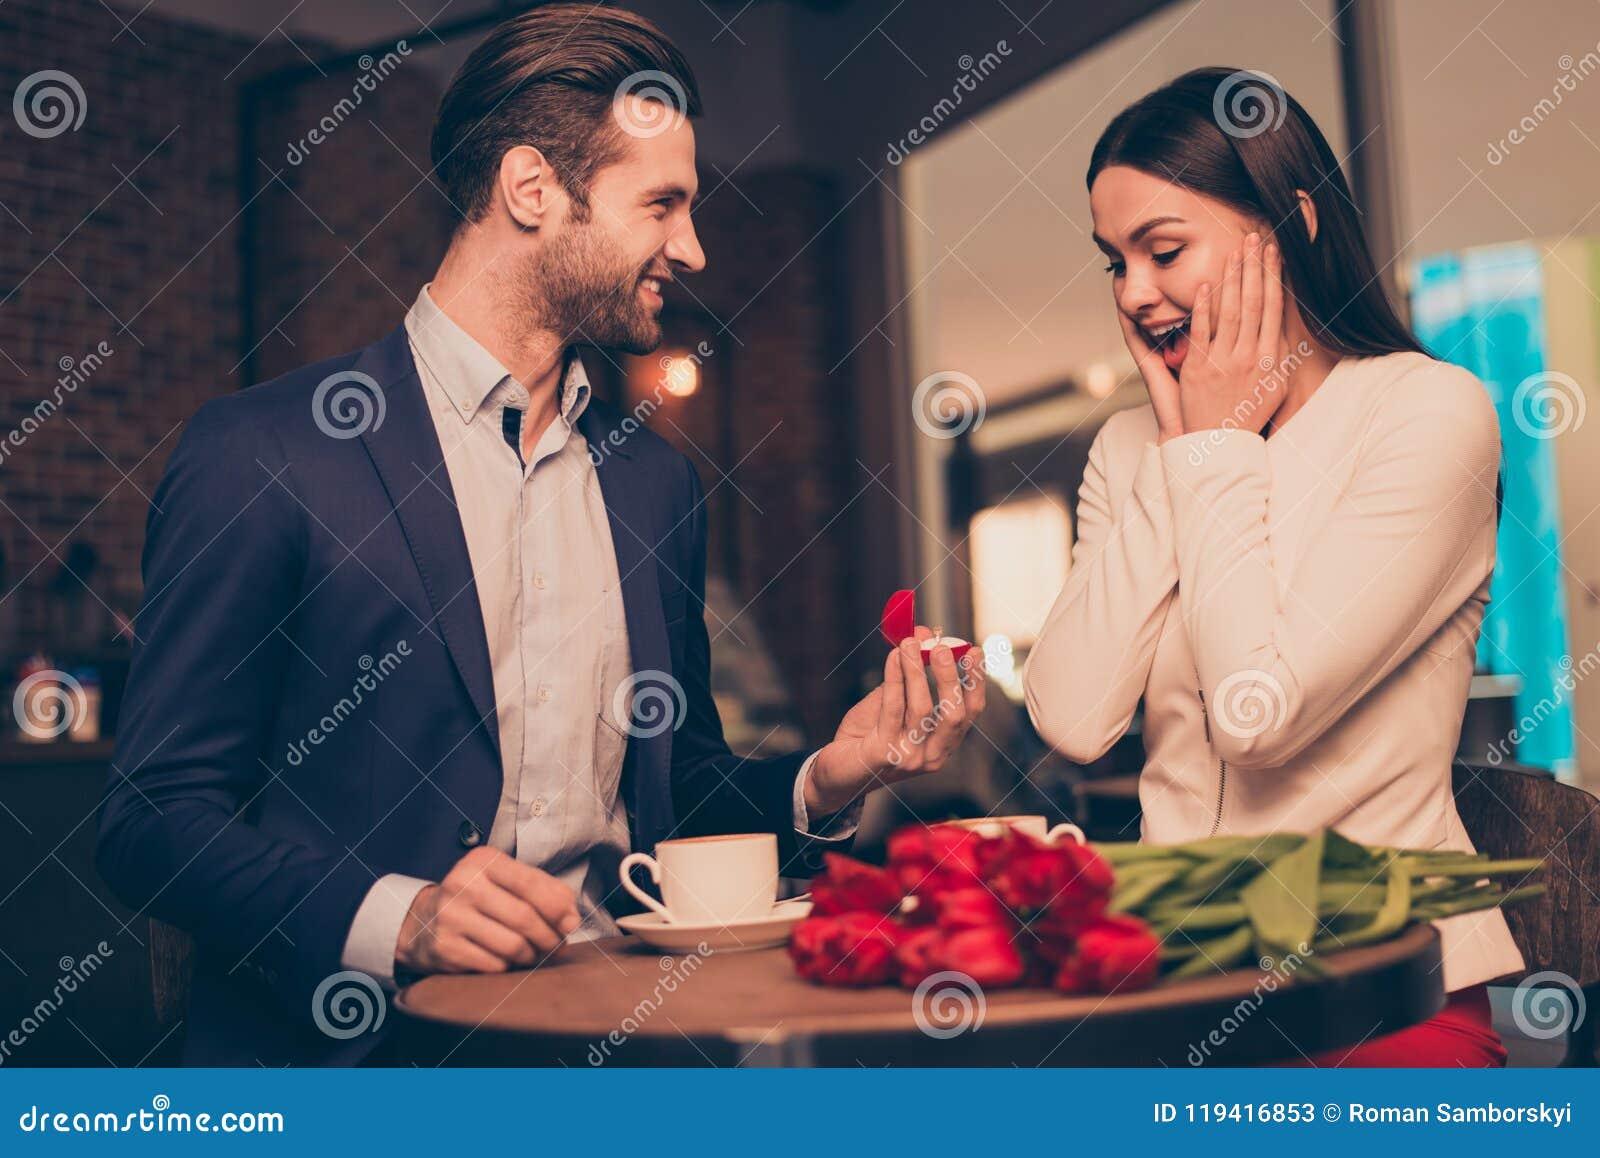 Haciendo oferta en un café con joyería inesperada del anillo y de la luna de miel del momento de las flores llame al marido de or